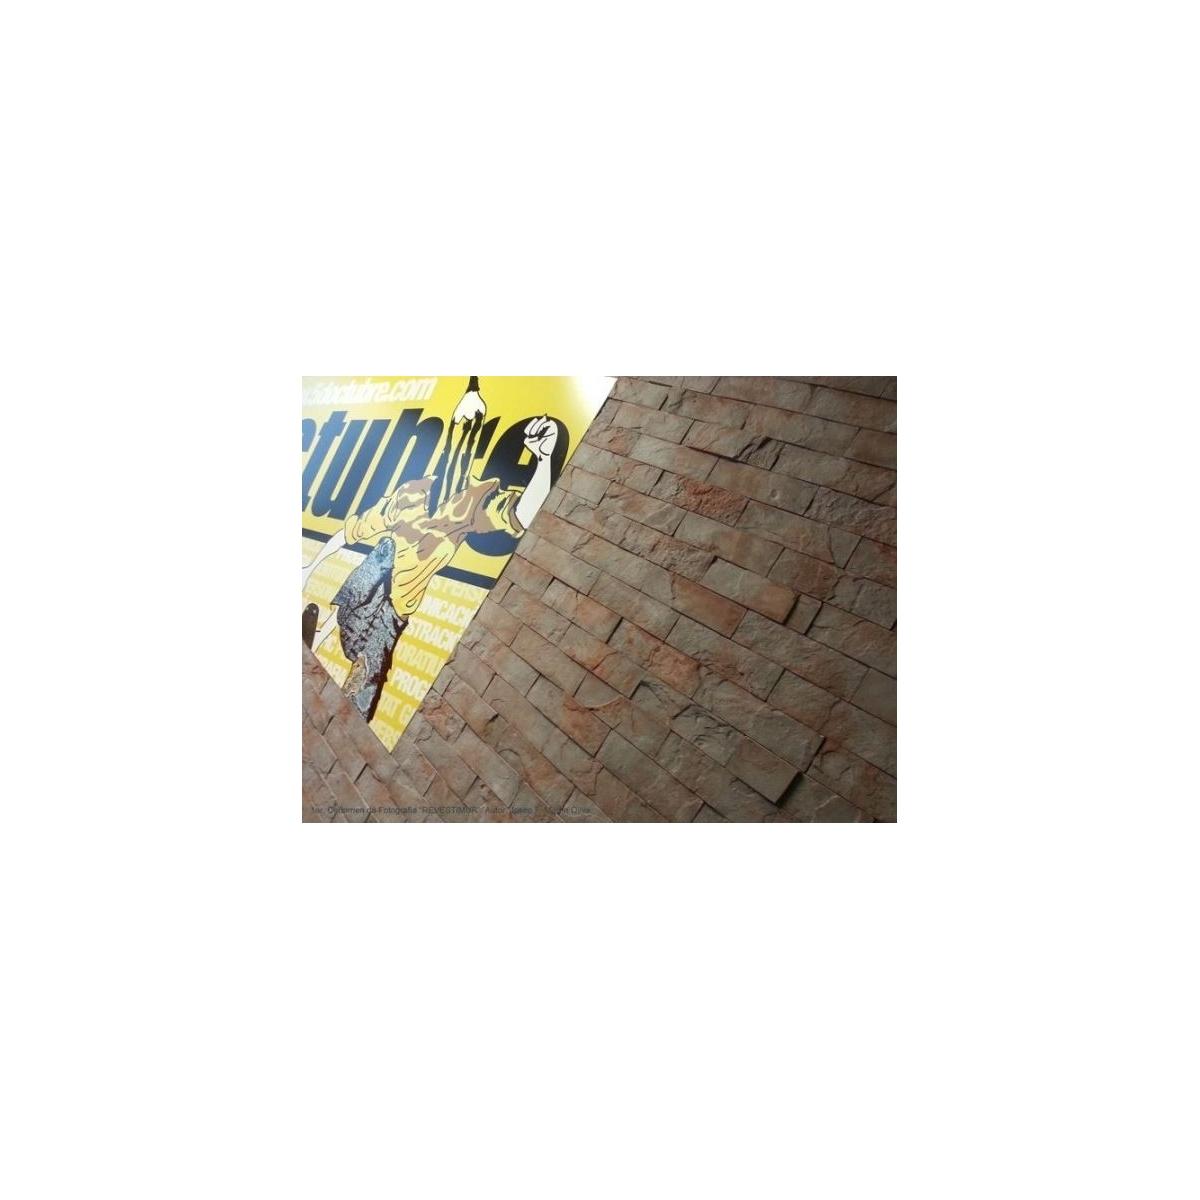 Plaqueta ángulo R51 Viena (Caja 1.6ml) Revesti-Mur